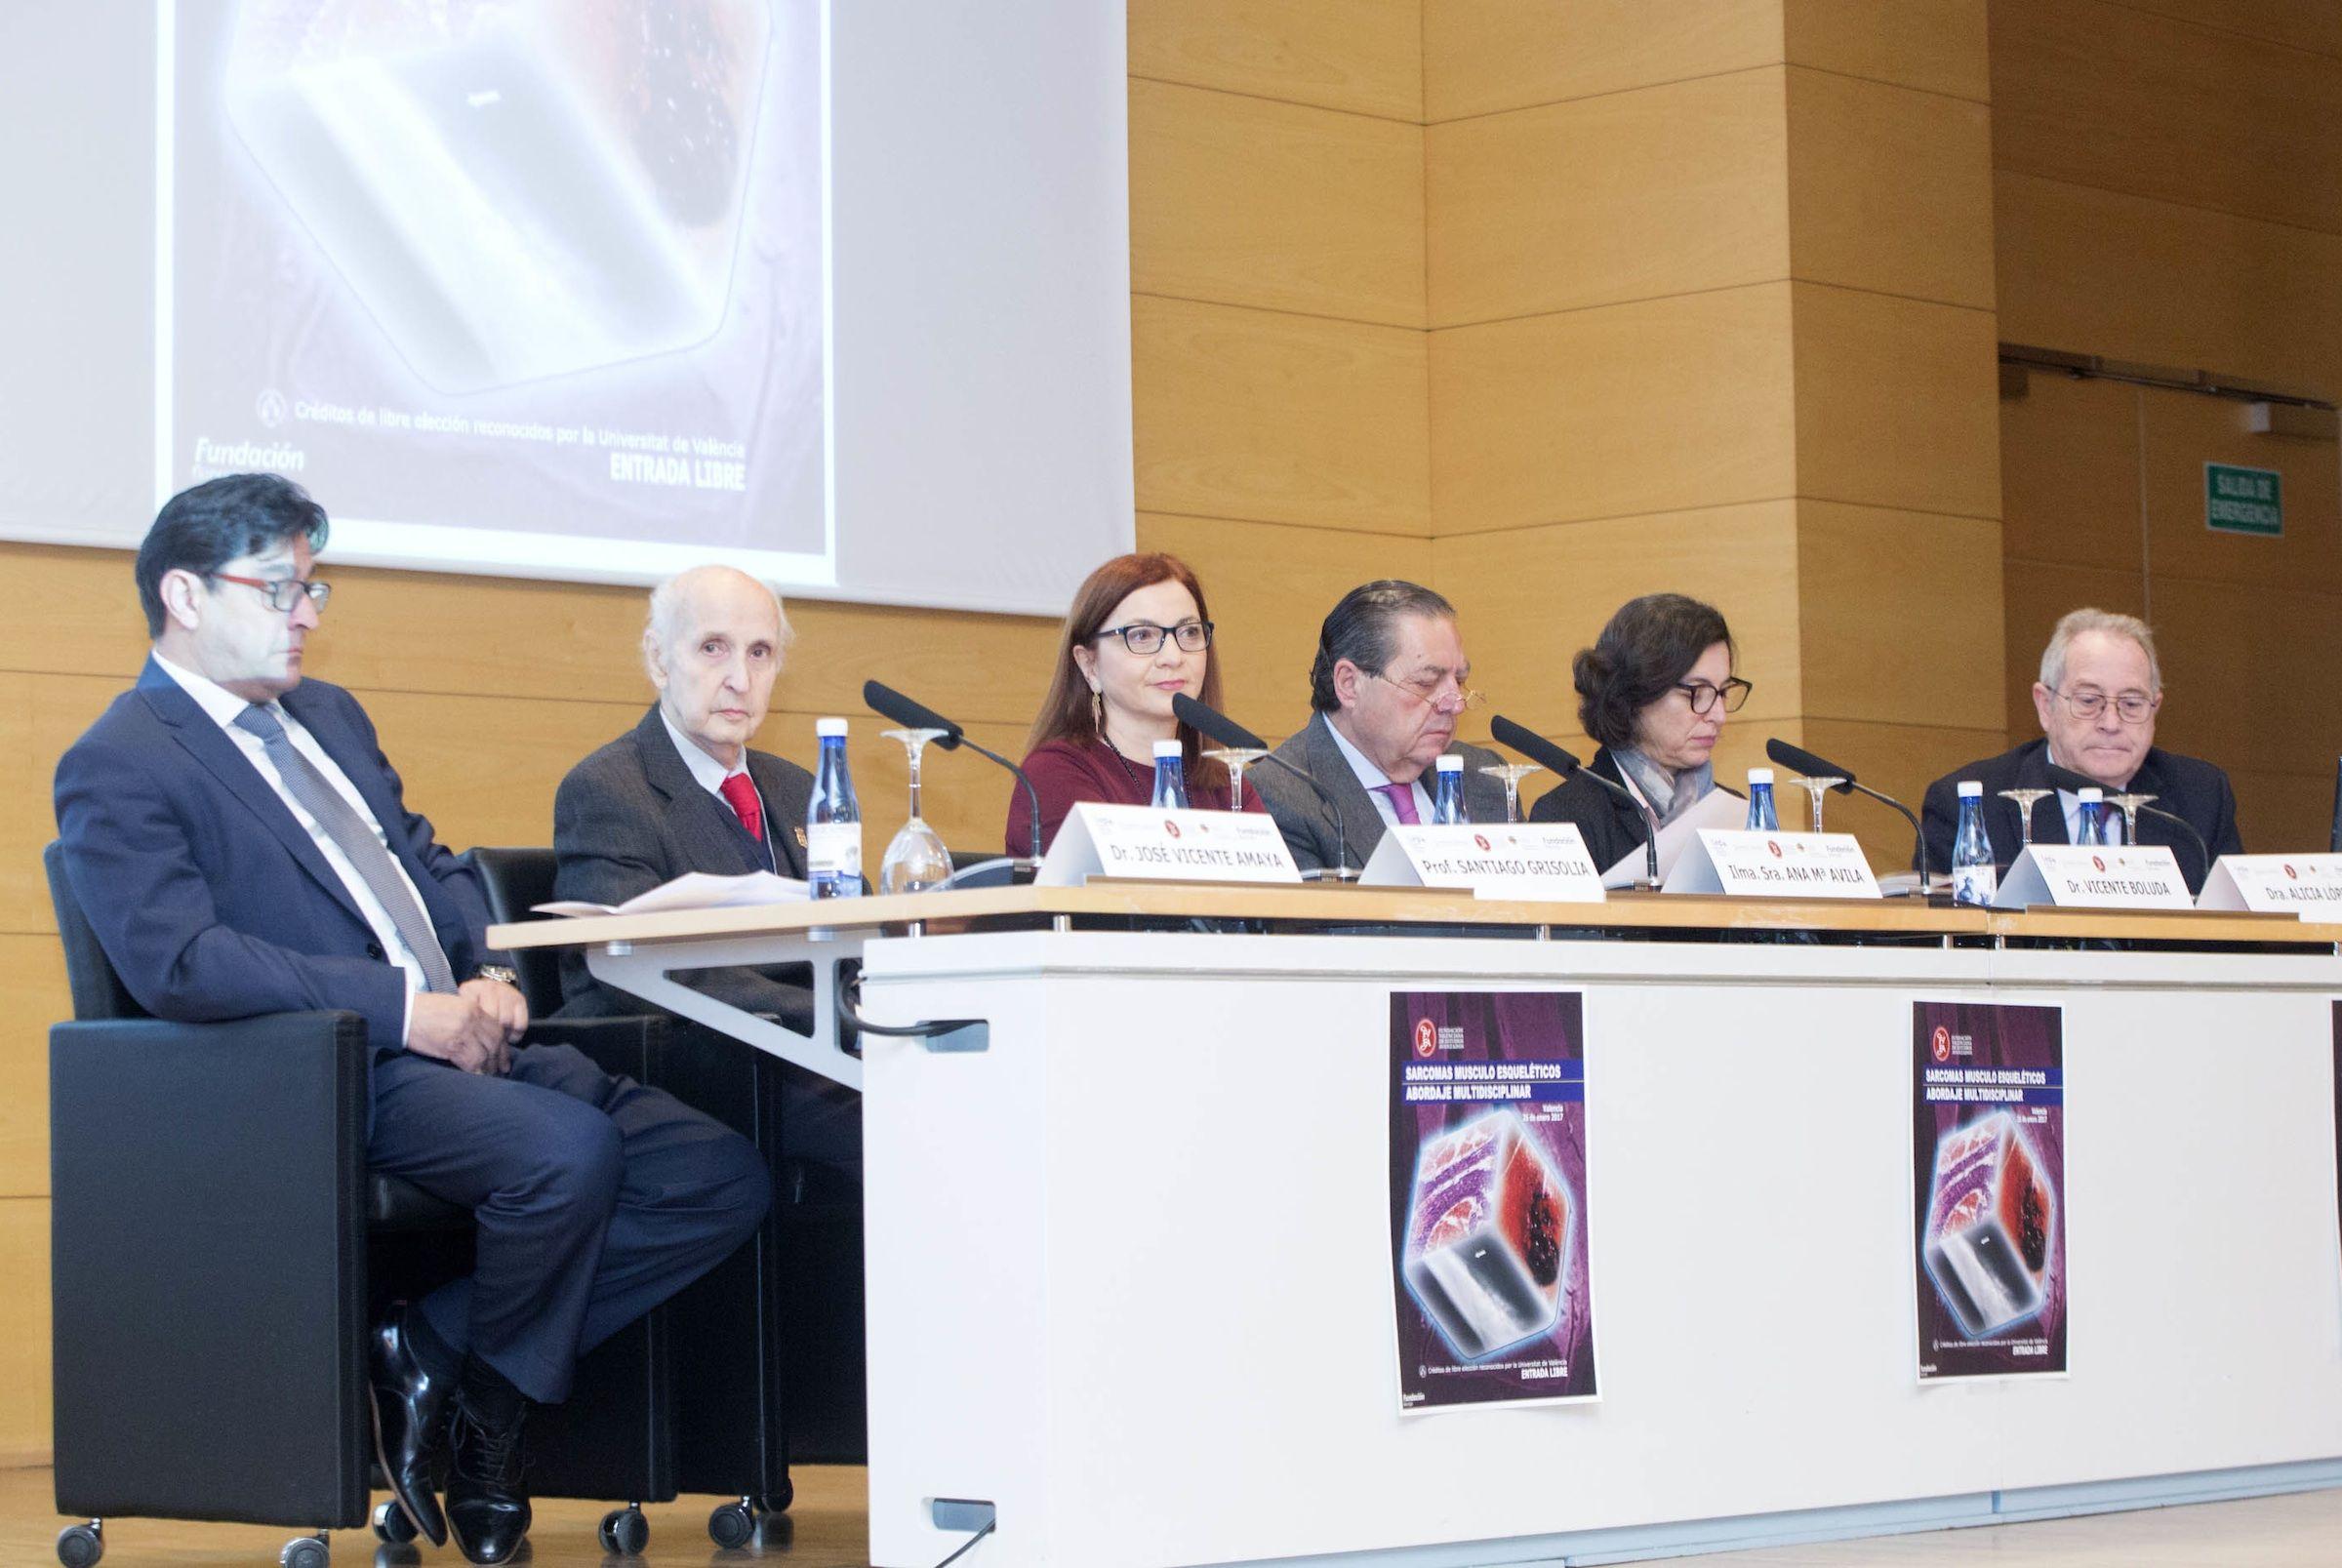 El profesor José Vicente Amaya y la decana de la Facultad de Ciencias de la Salud de la CEU-UCH, Alicia López, en la inauguración de la Jornada. Foto: Eva Ripoll (FVEA).